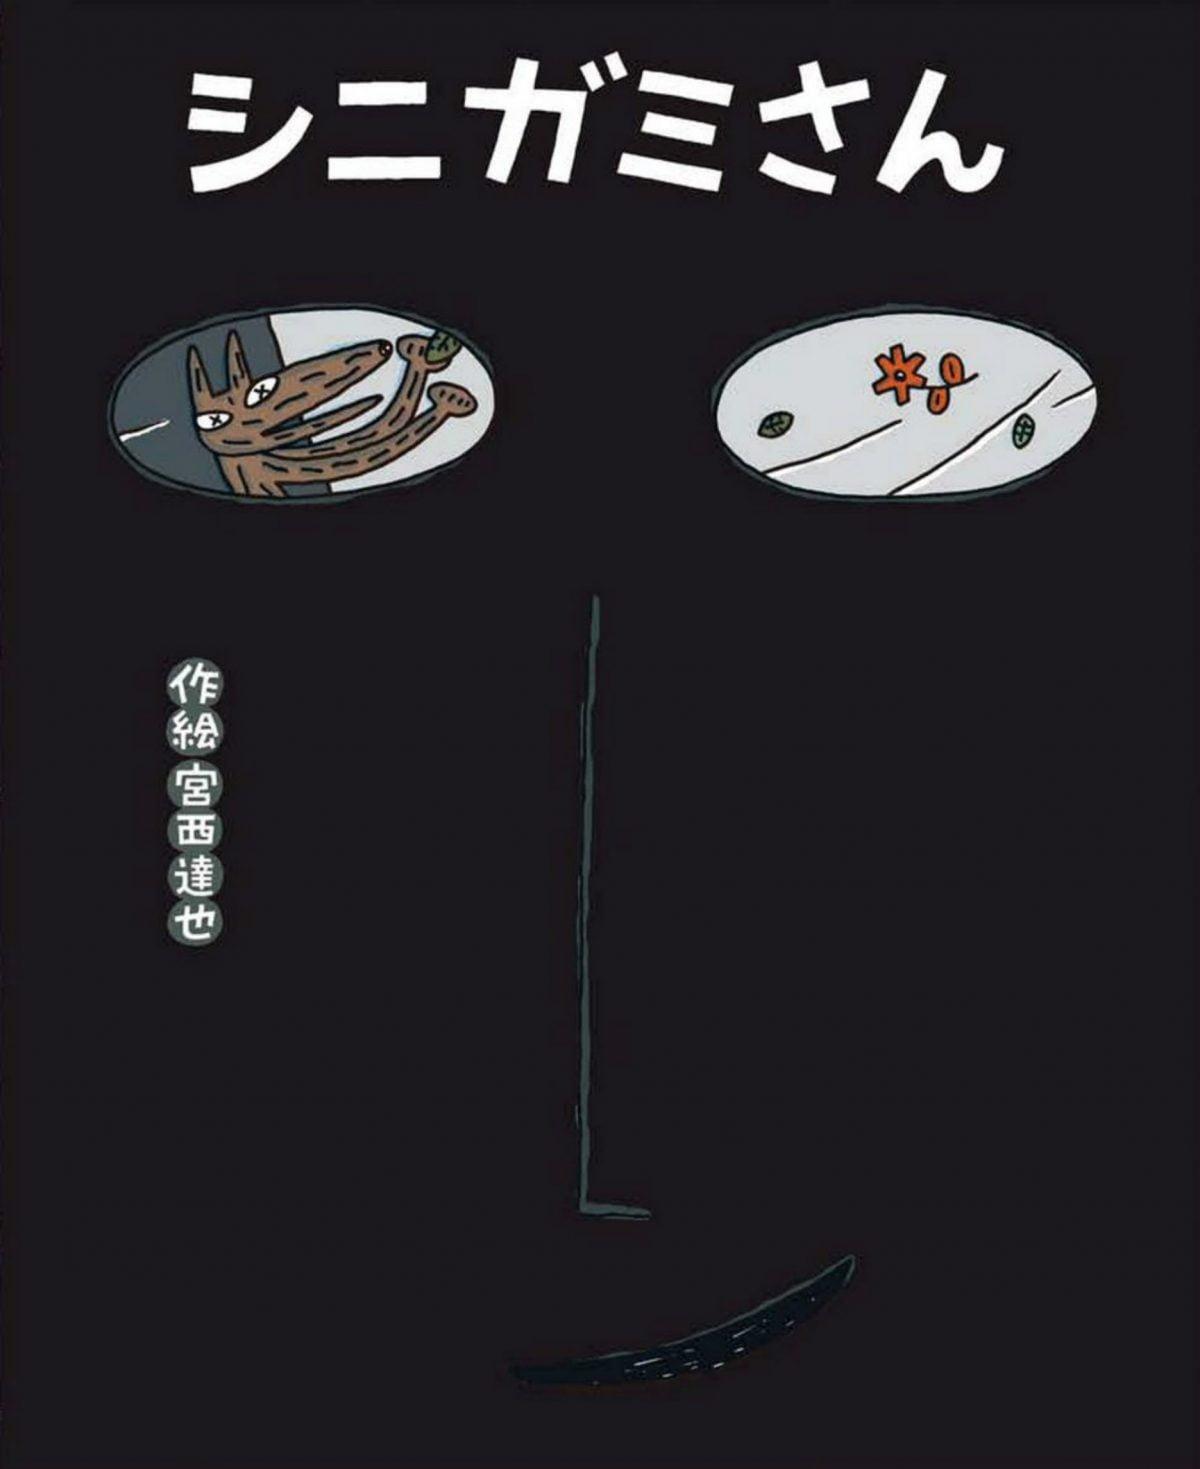 絵本「シニガミさん」の表紙